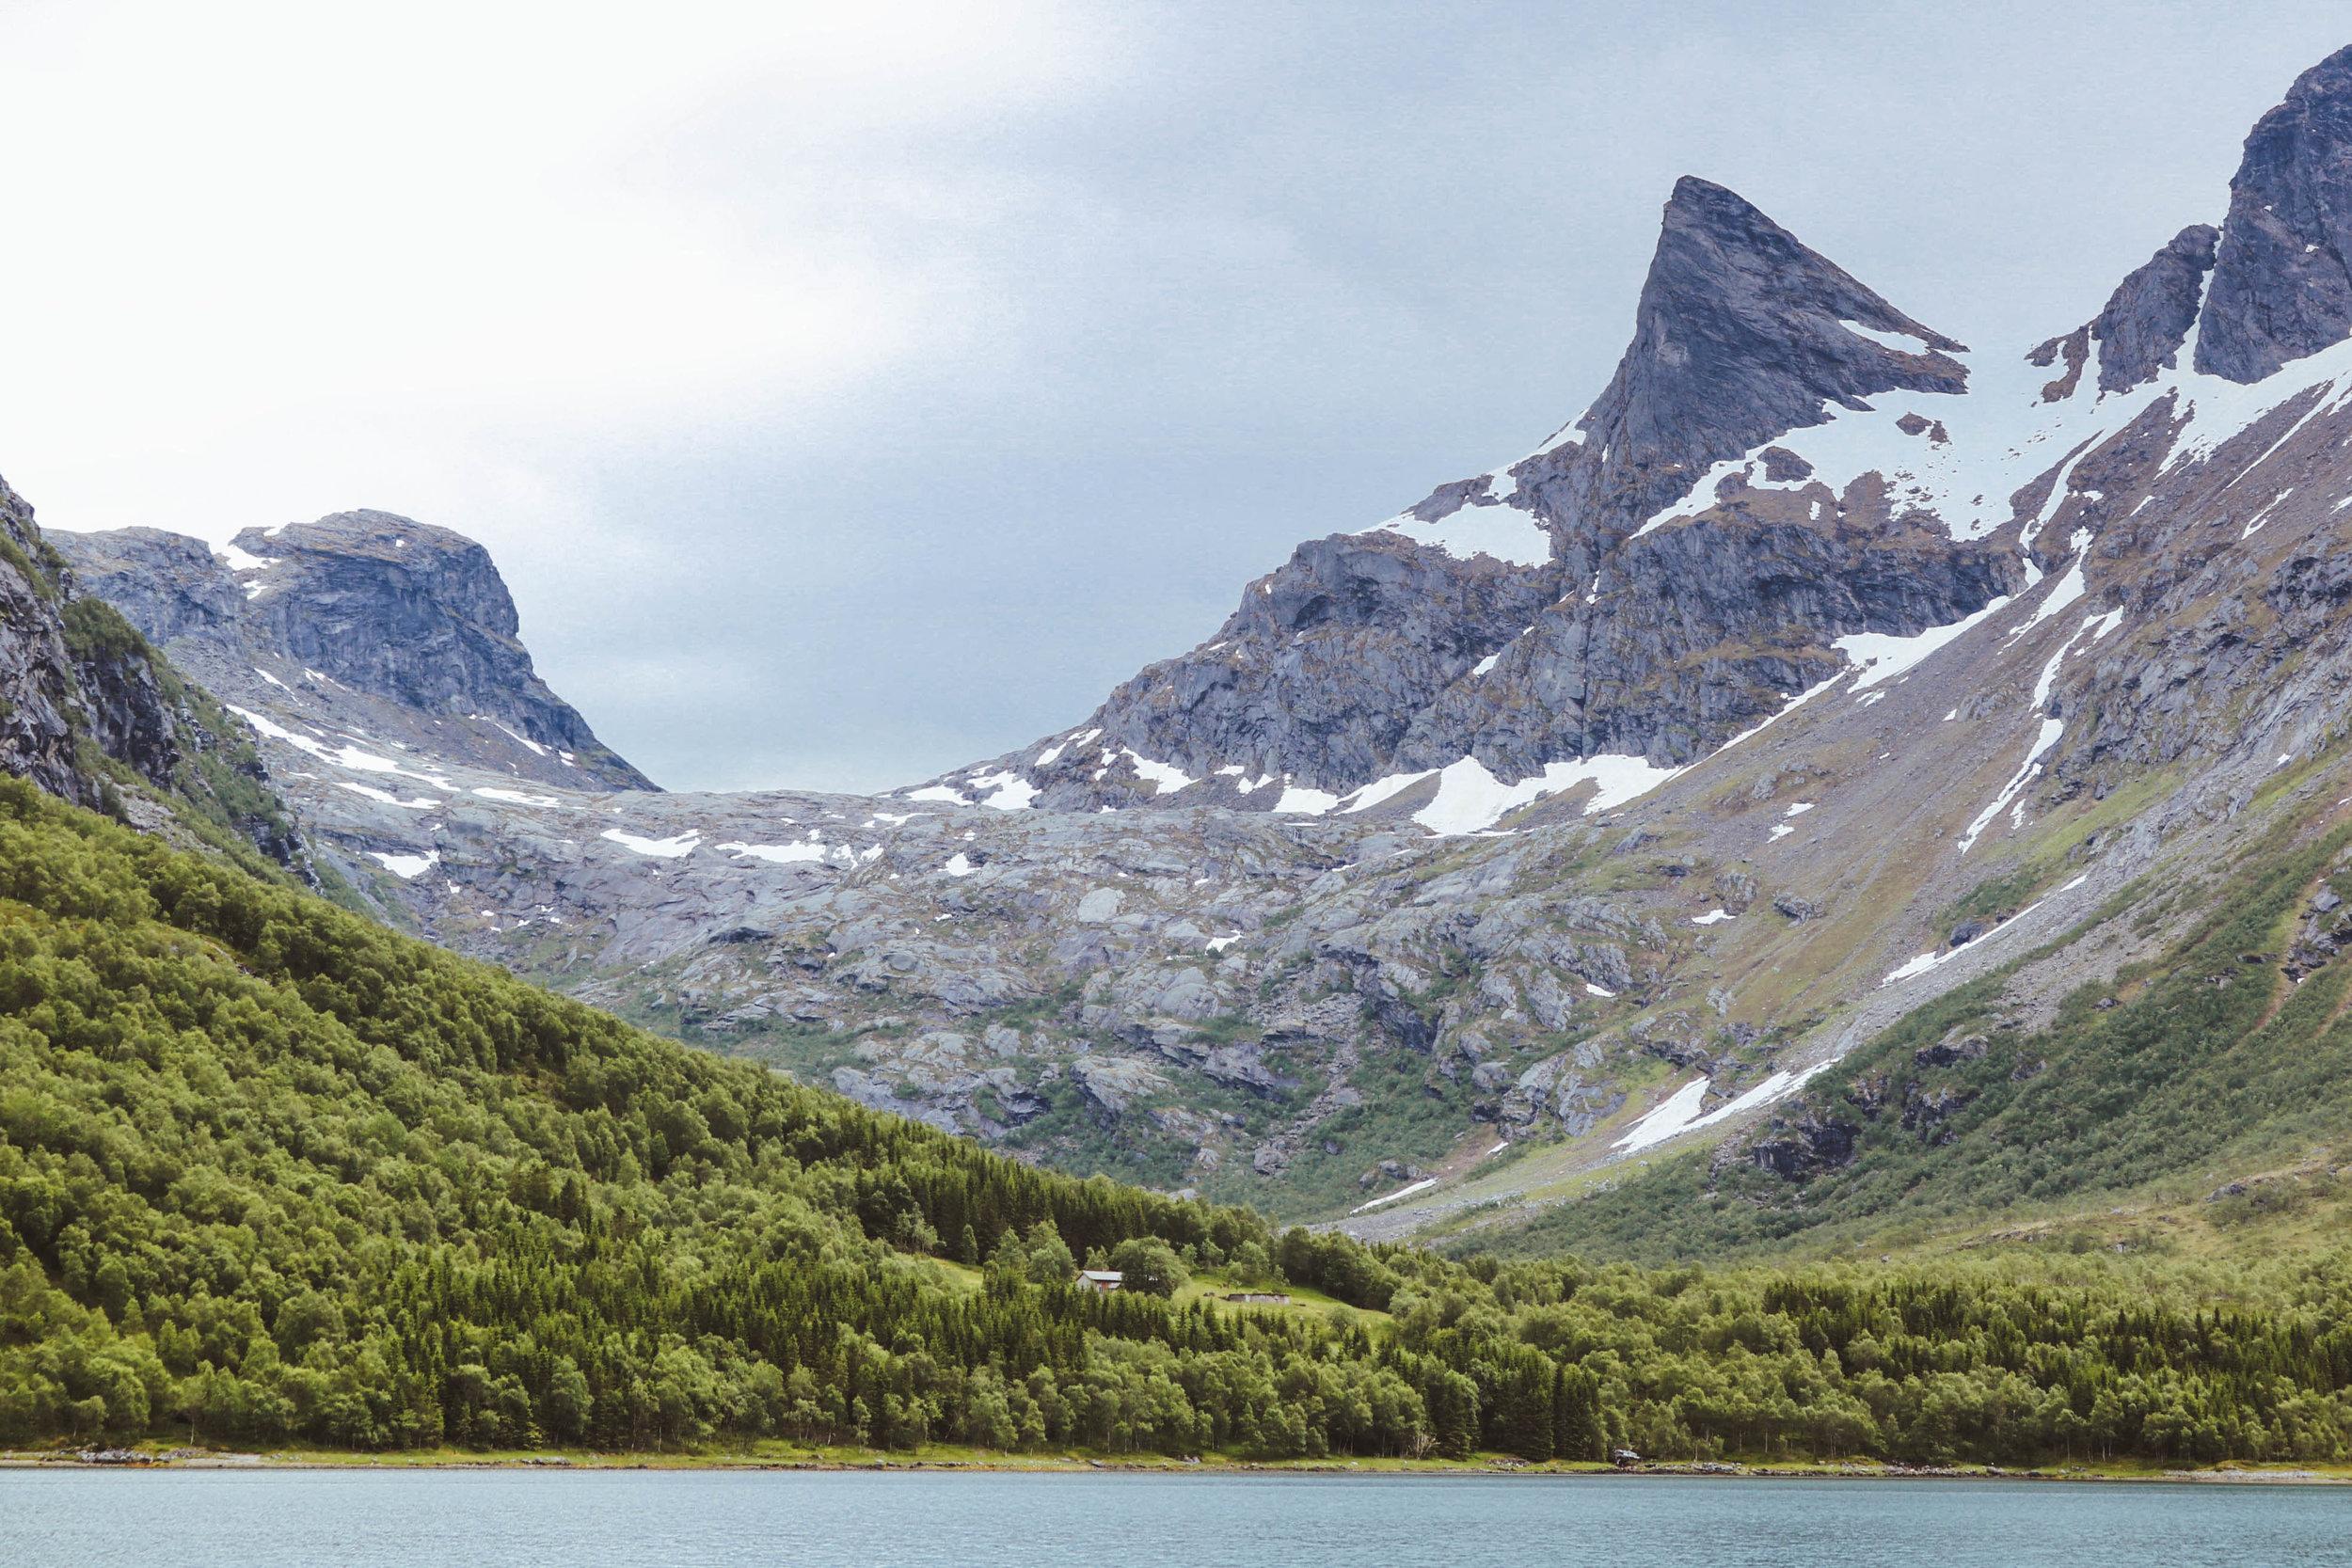 Sjunkfjord in Sjunkhatten National Park